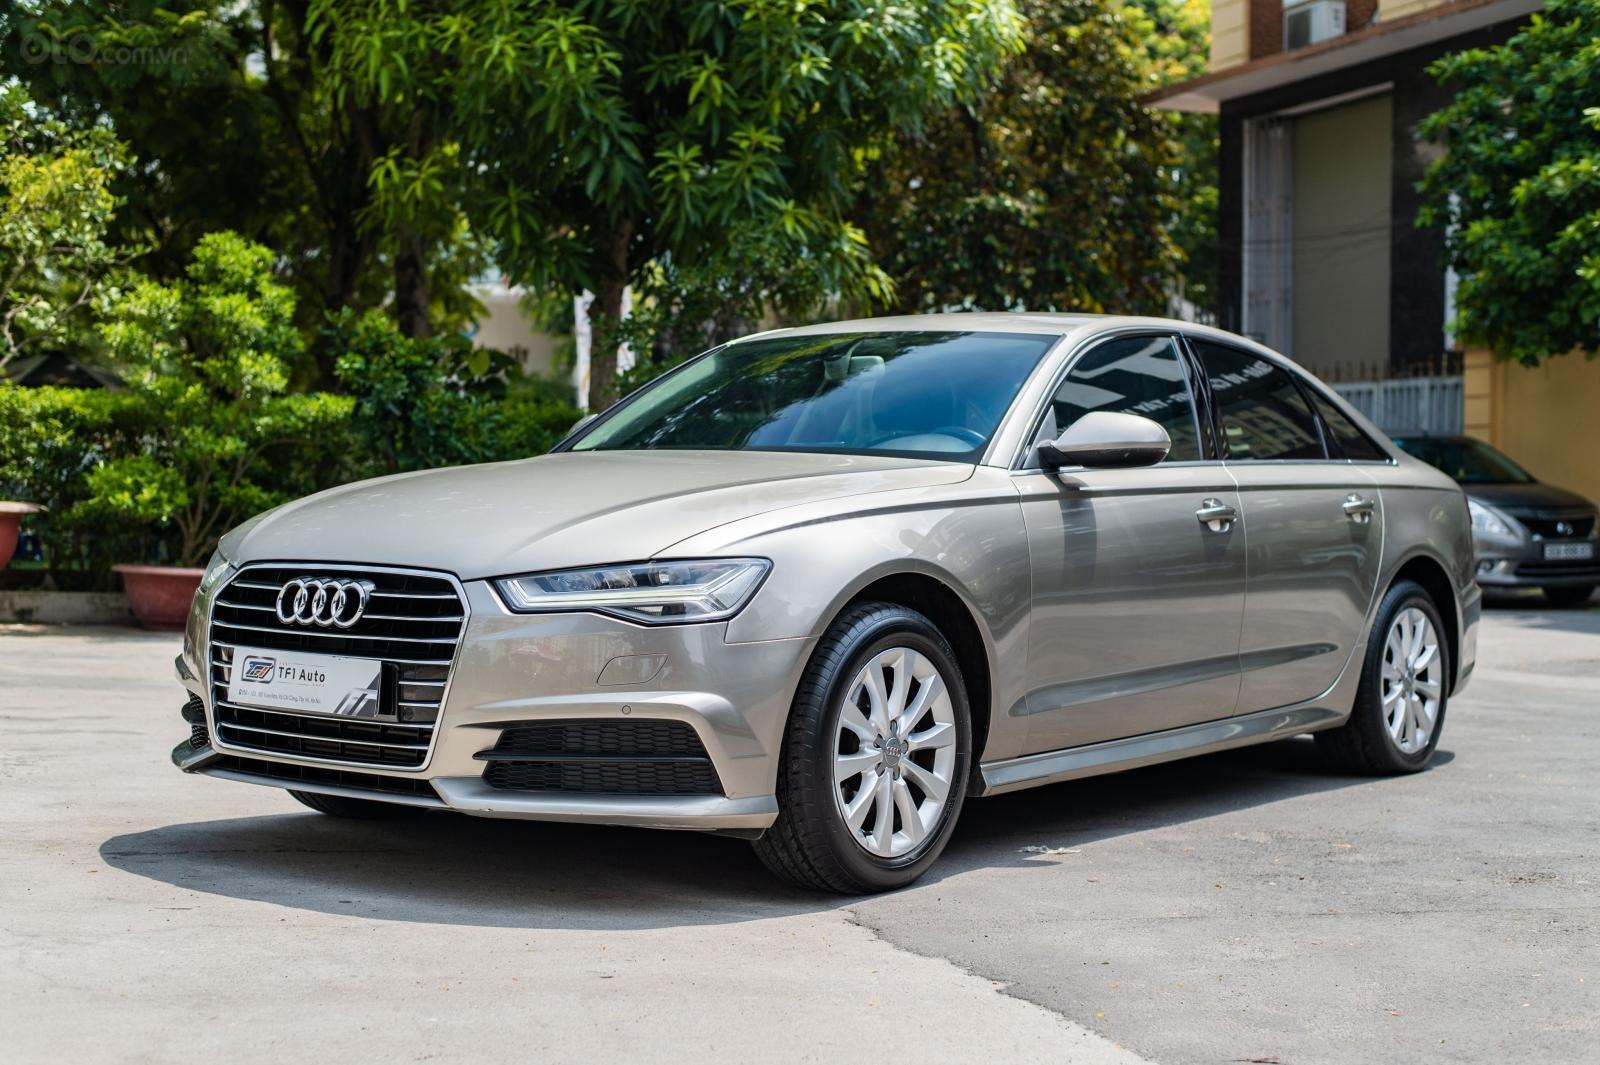 Cần bán xe Audi A6 1.8 TFSI sản xuất 2016, đăng kí 2017, biển Hà Nội (3)